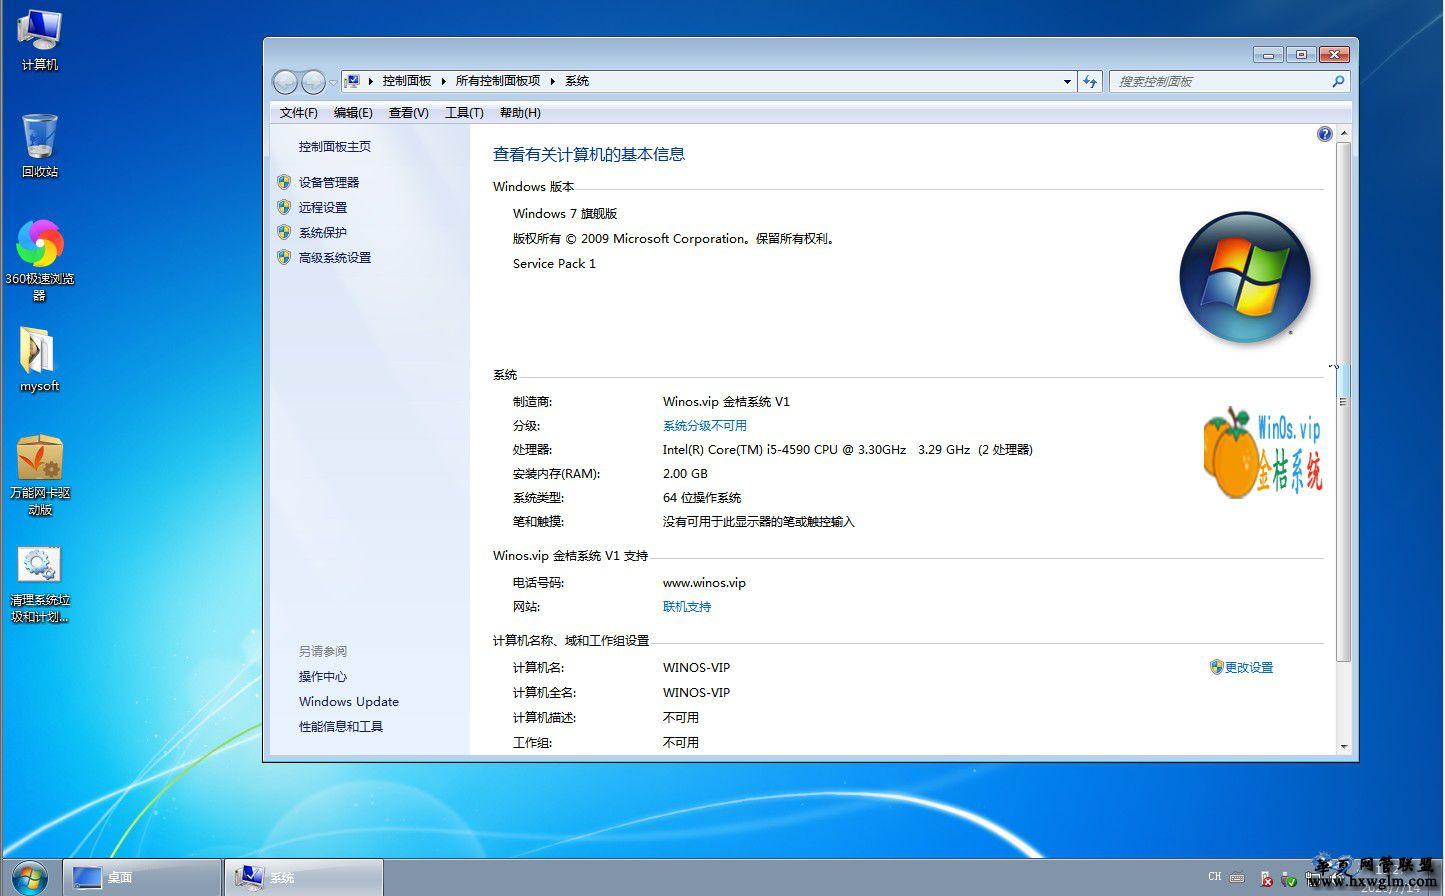 【金桔WINOS系统】(易乐游V1版)WINOS7X64无盘万能包下载(已放出下载地址)